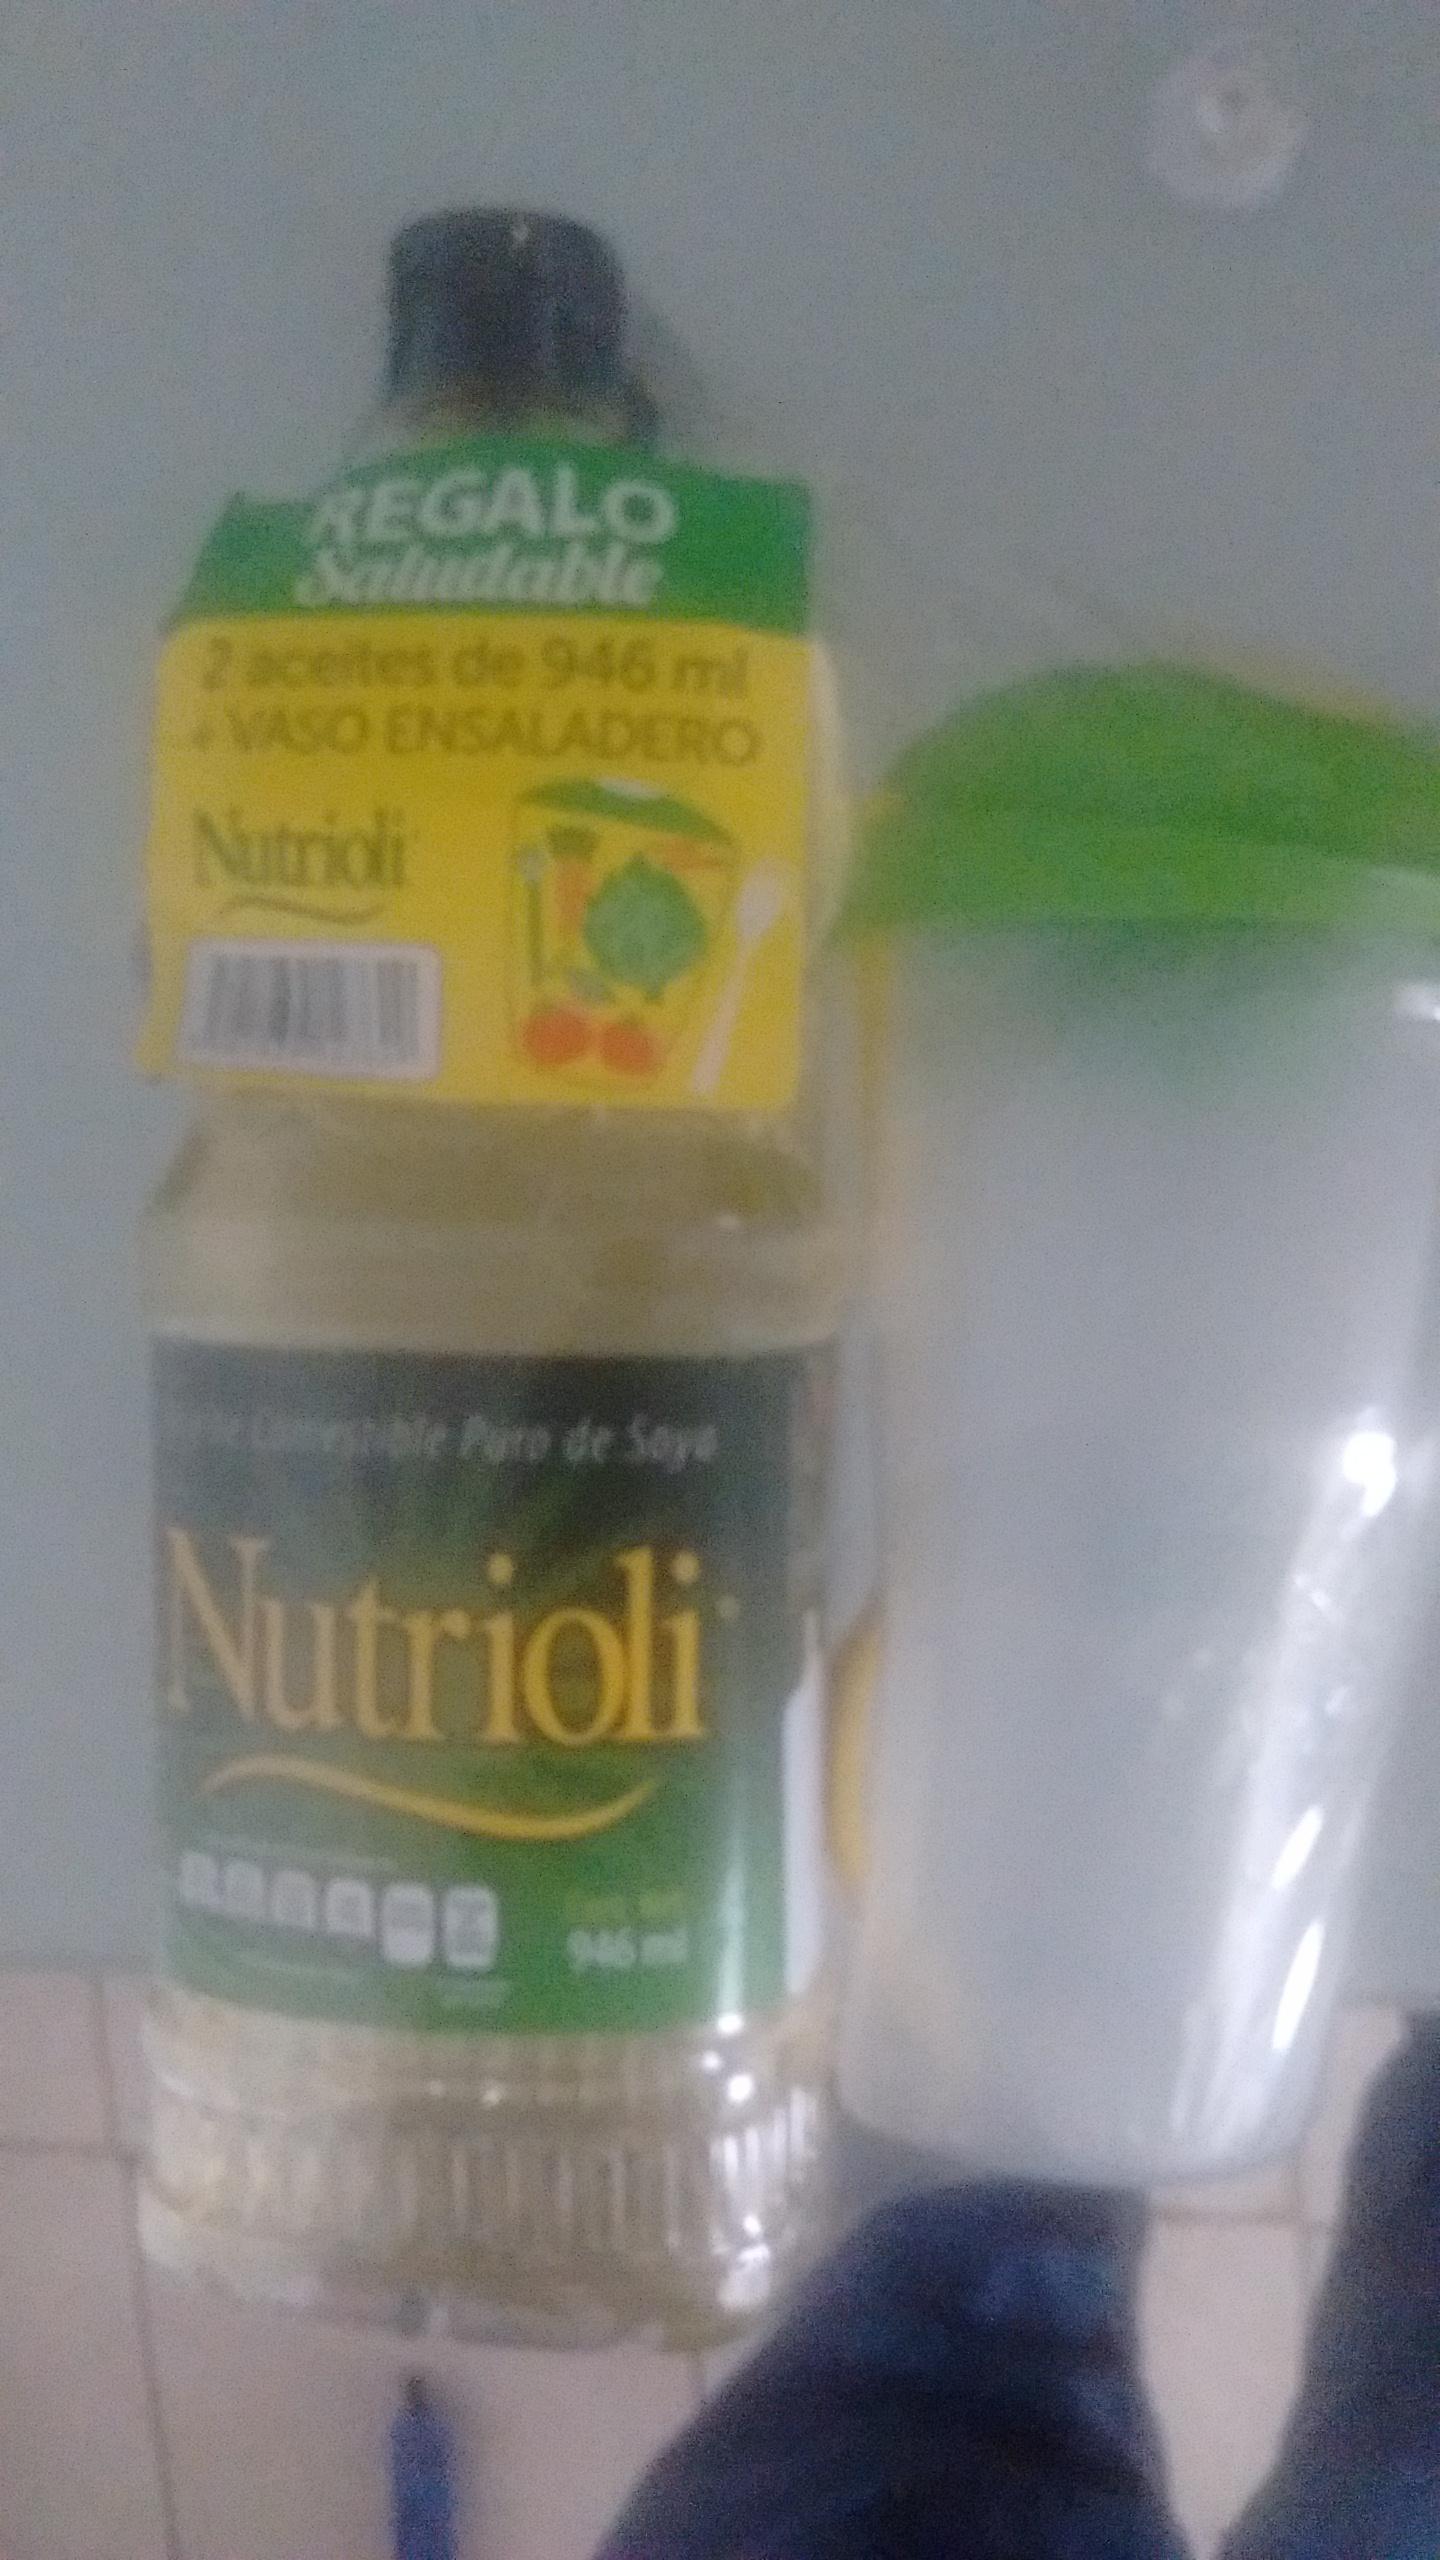 Walmart: Paquete de 2 aceites nutrioli de 946ml y llevate una ensaladera gratis